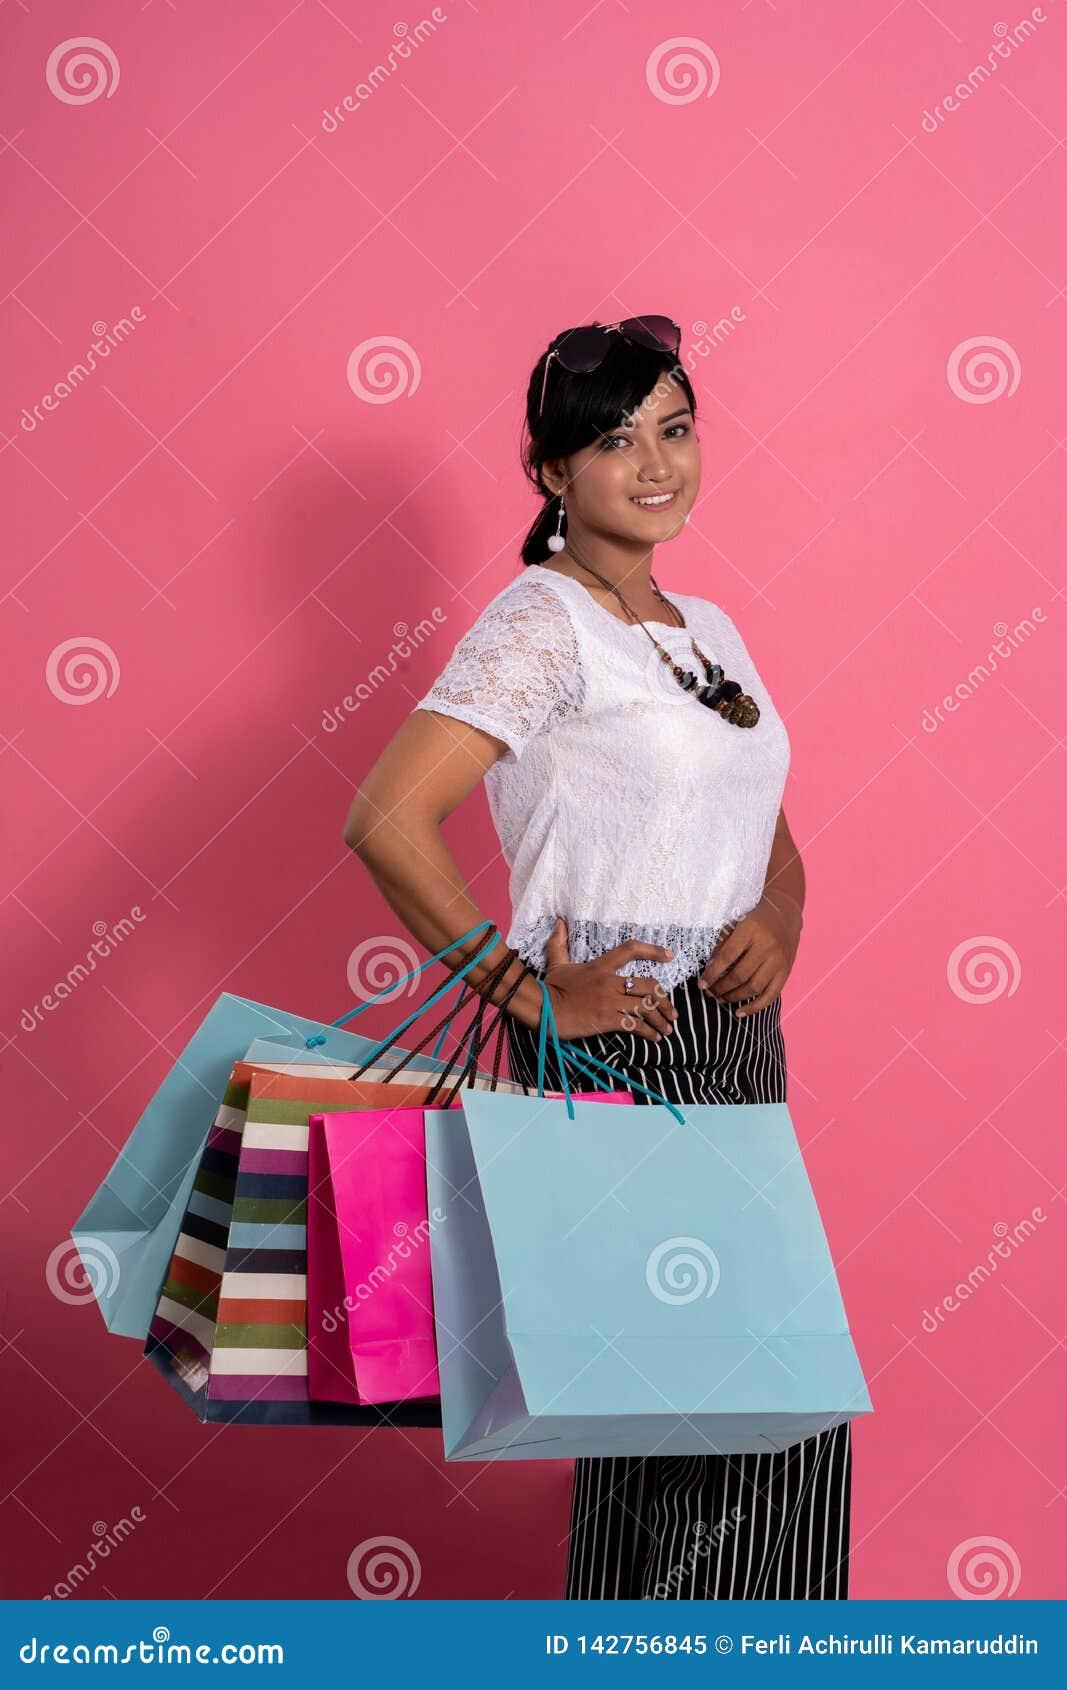 Comprador femenino que sonríe sosteniendo bolsos de compras